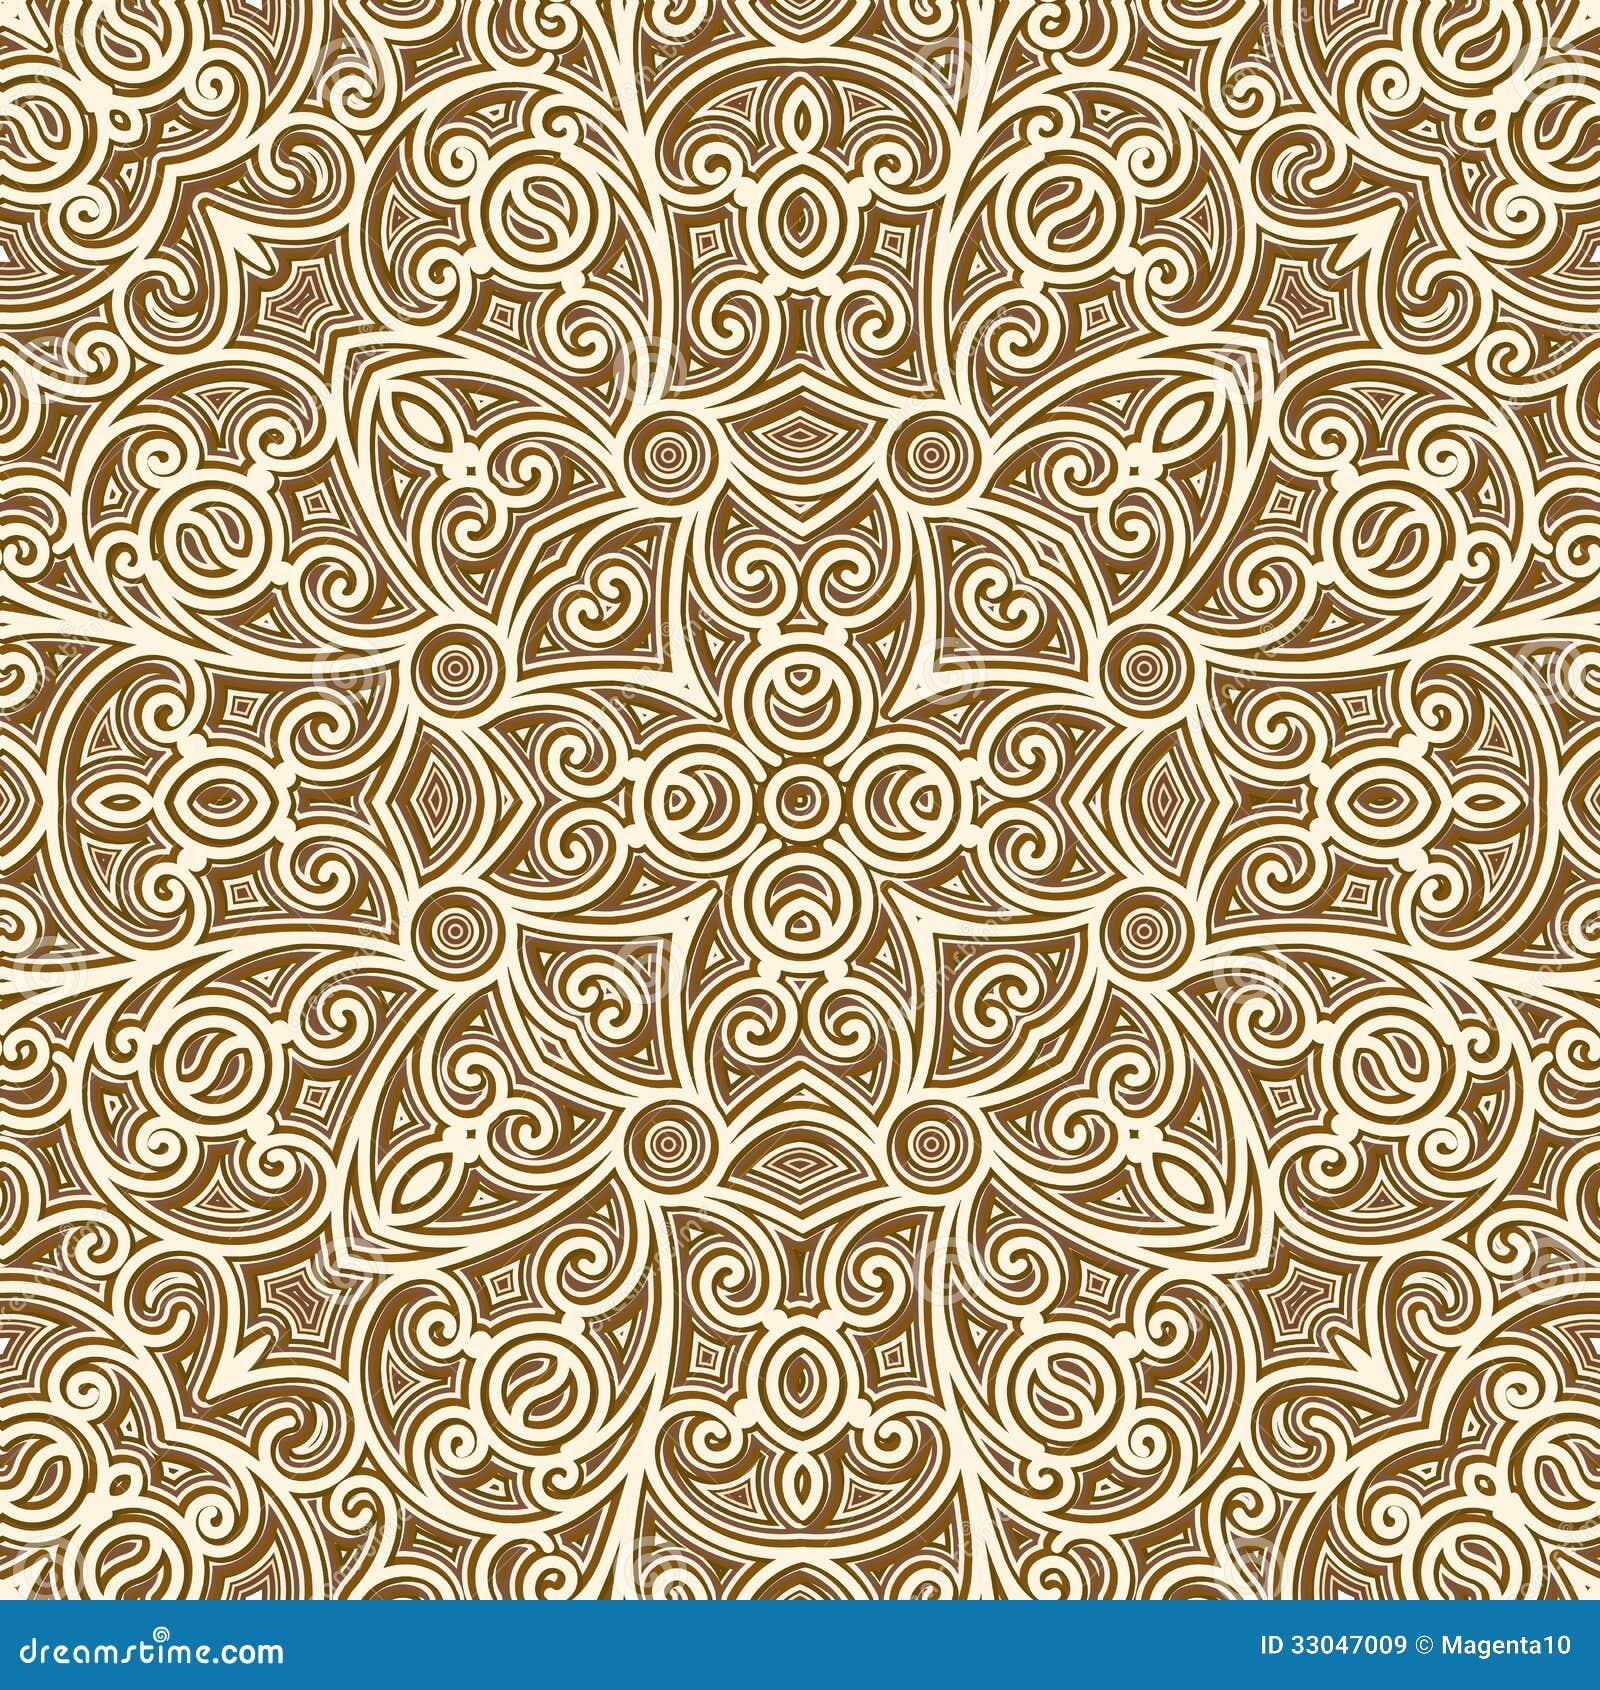 pattern royalty background patterns - photo #35